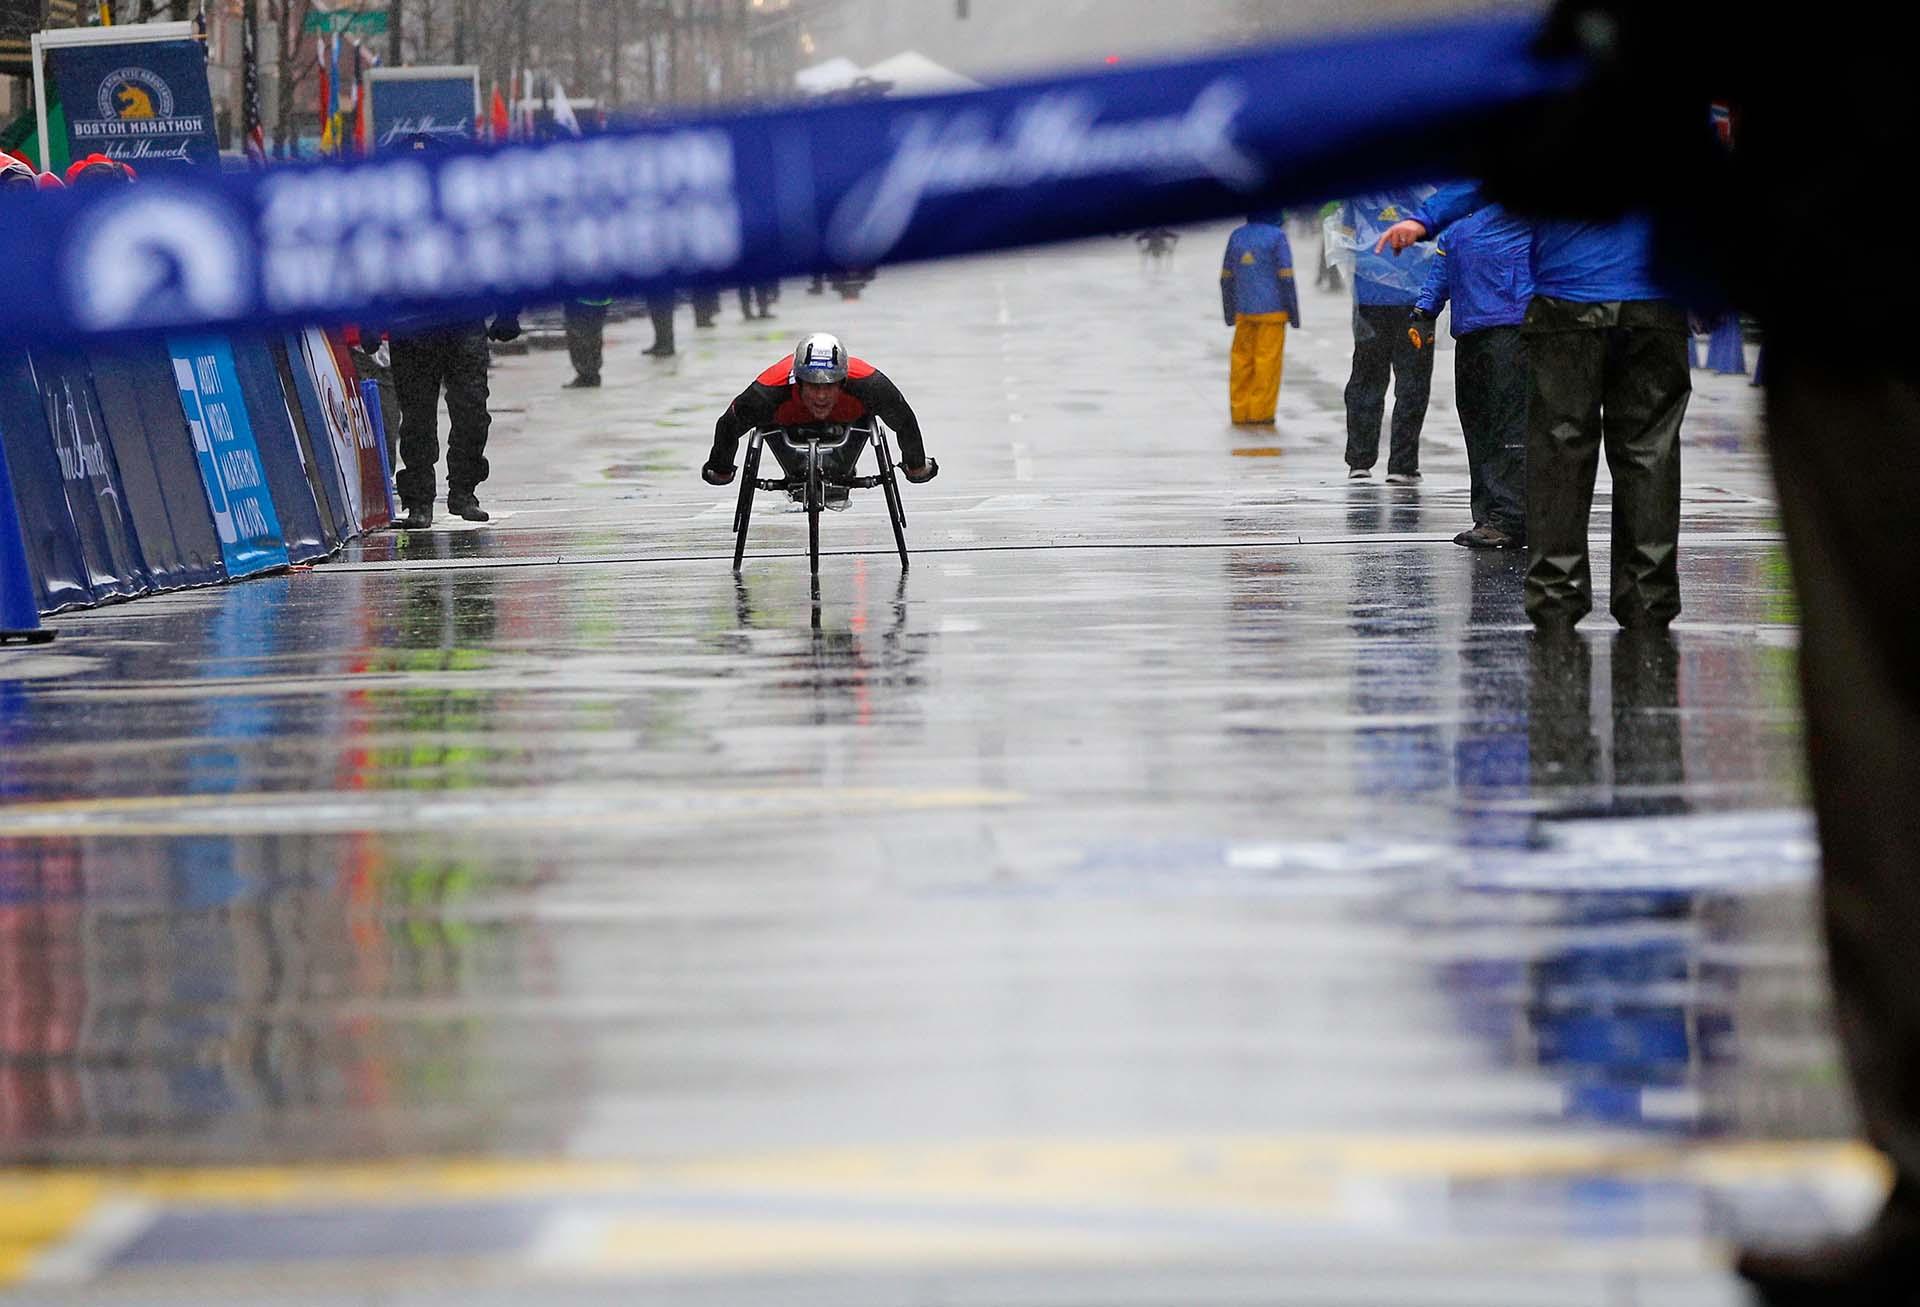 Las pésimas condiciones climatológicas obligaron a Hugg a ser tratado por los servicios médicos que cubren la carrera una vez que cruzó la línea de meta